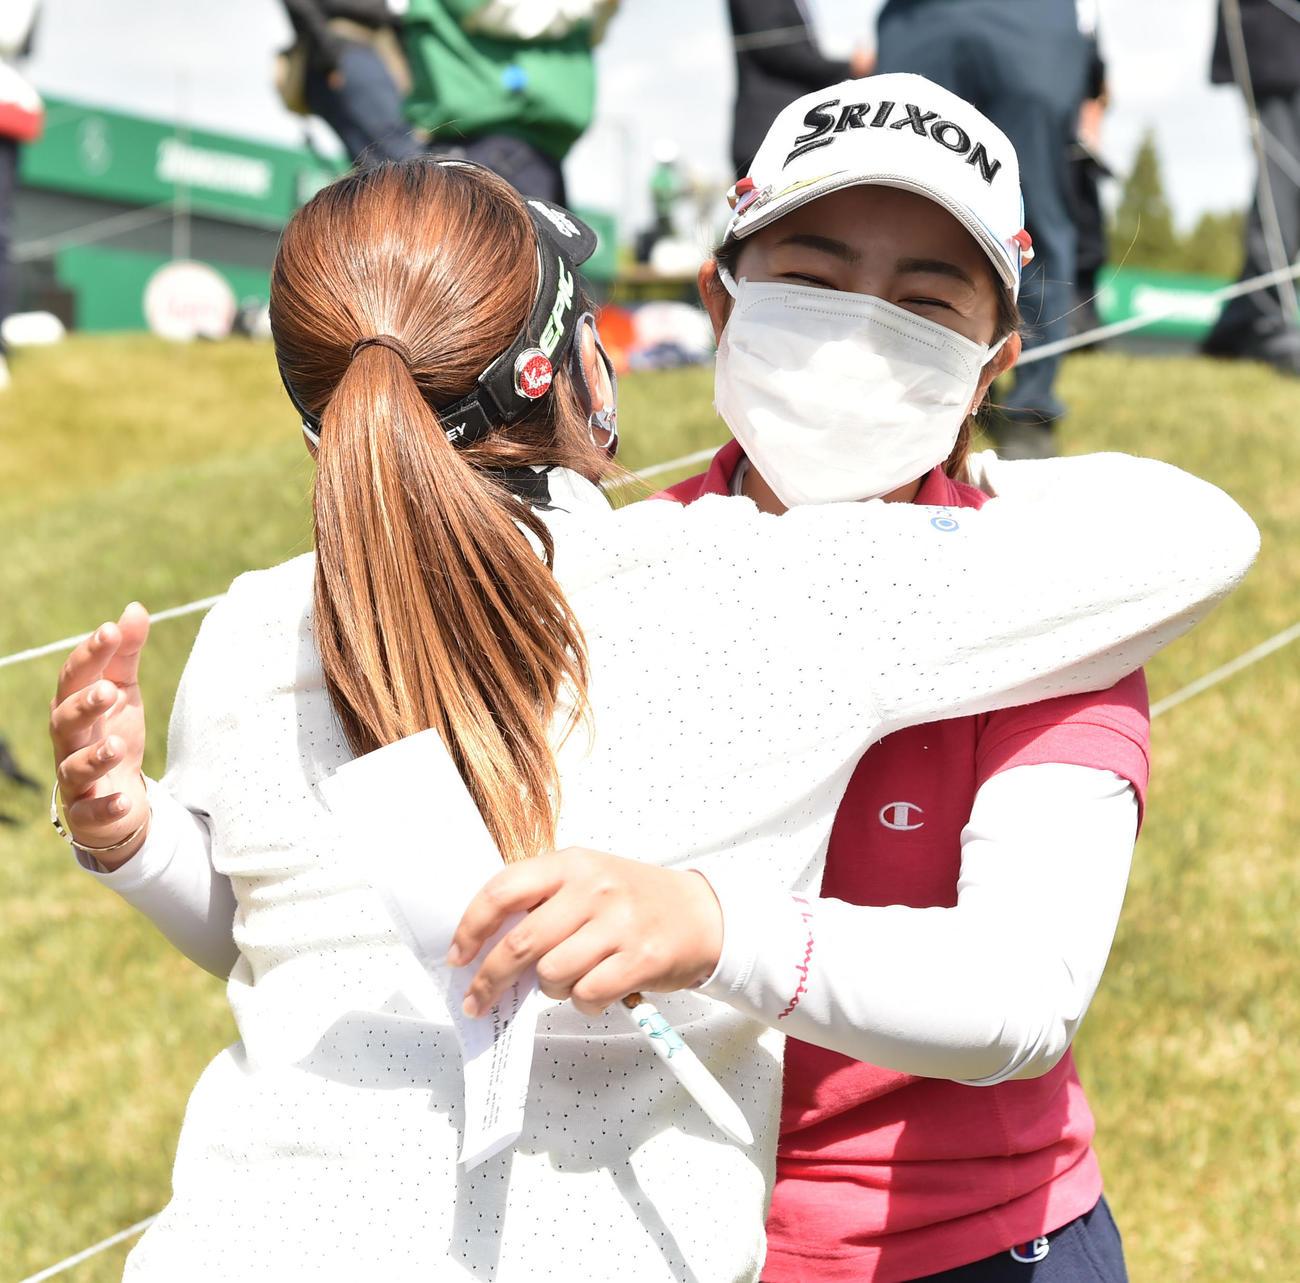 ツアー初優勝を決め、西村(左)から祝福され笑顔を見せる山下(撮影・岩下翔太)